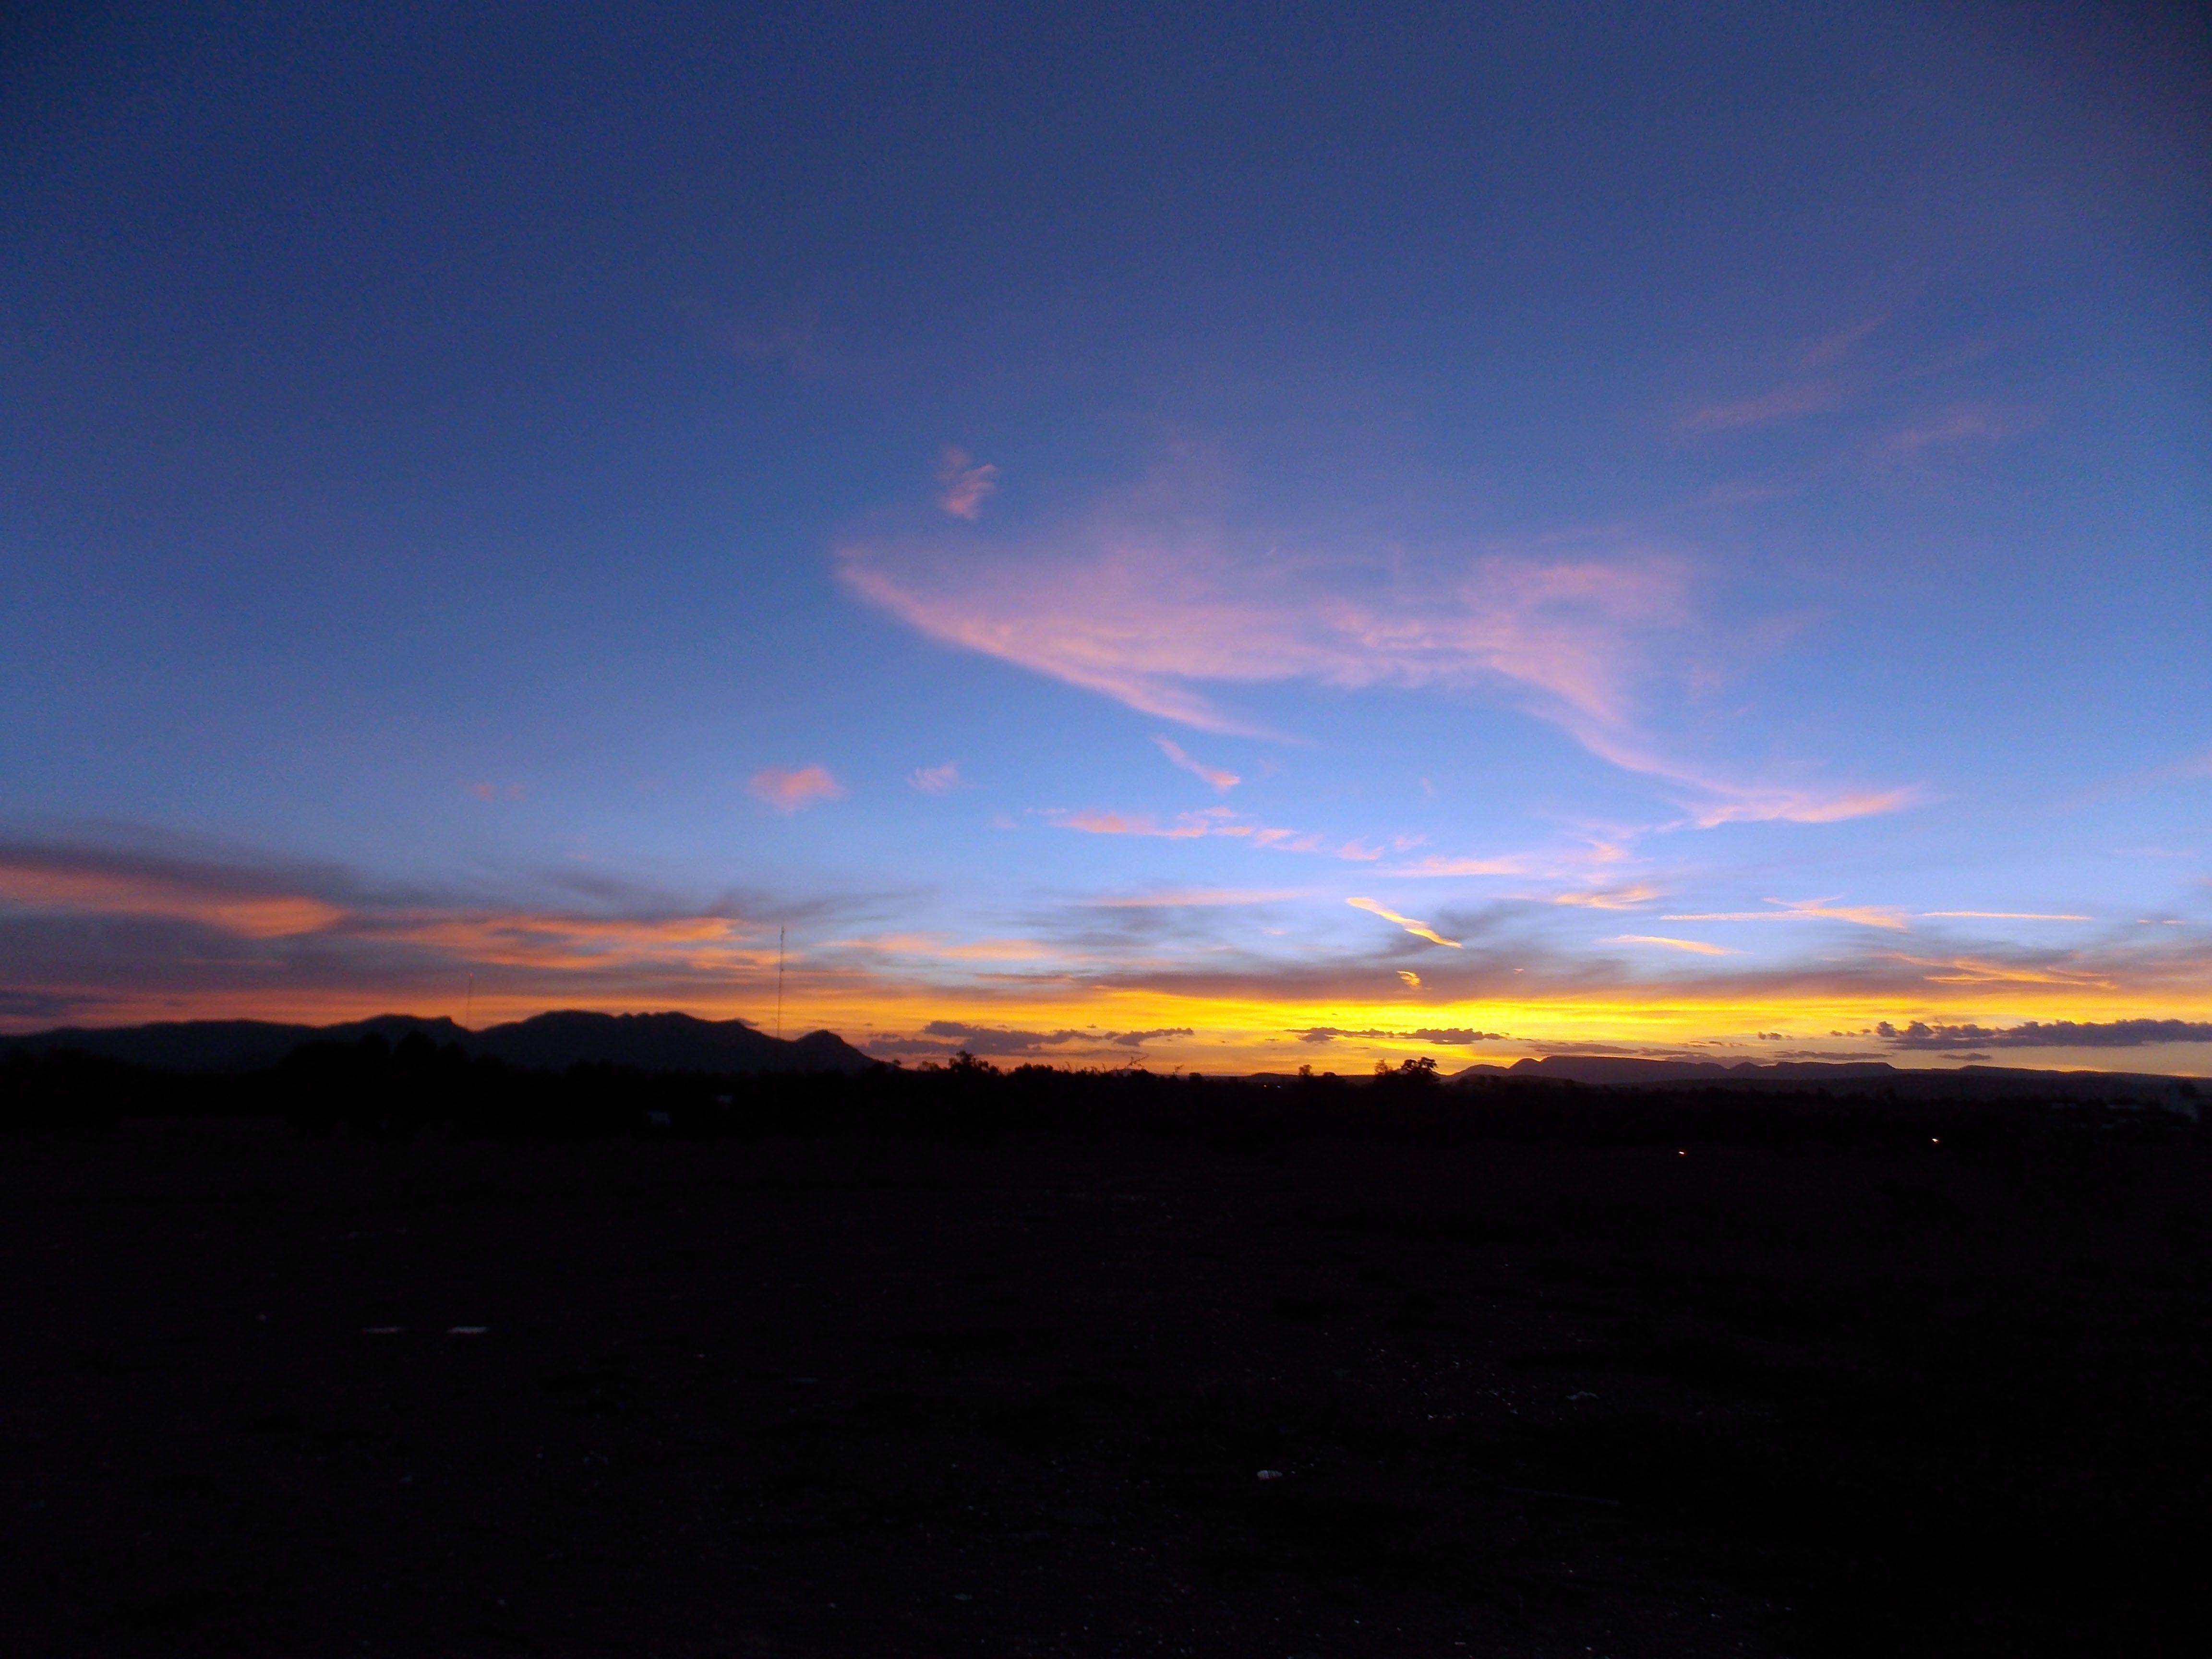 Puesta de sol en Aguascalientes, Ags. México.